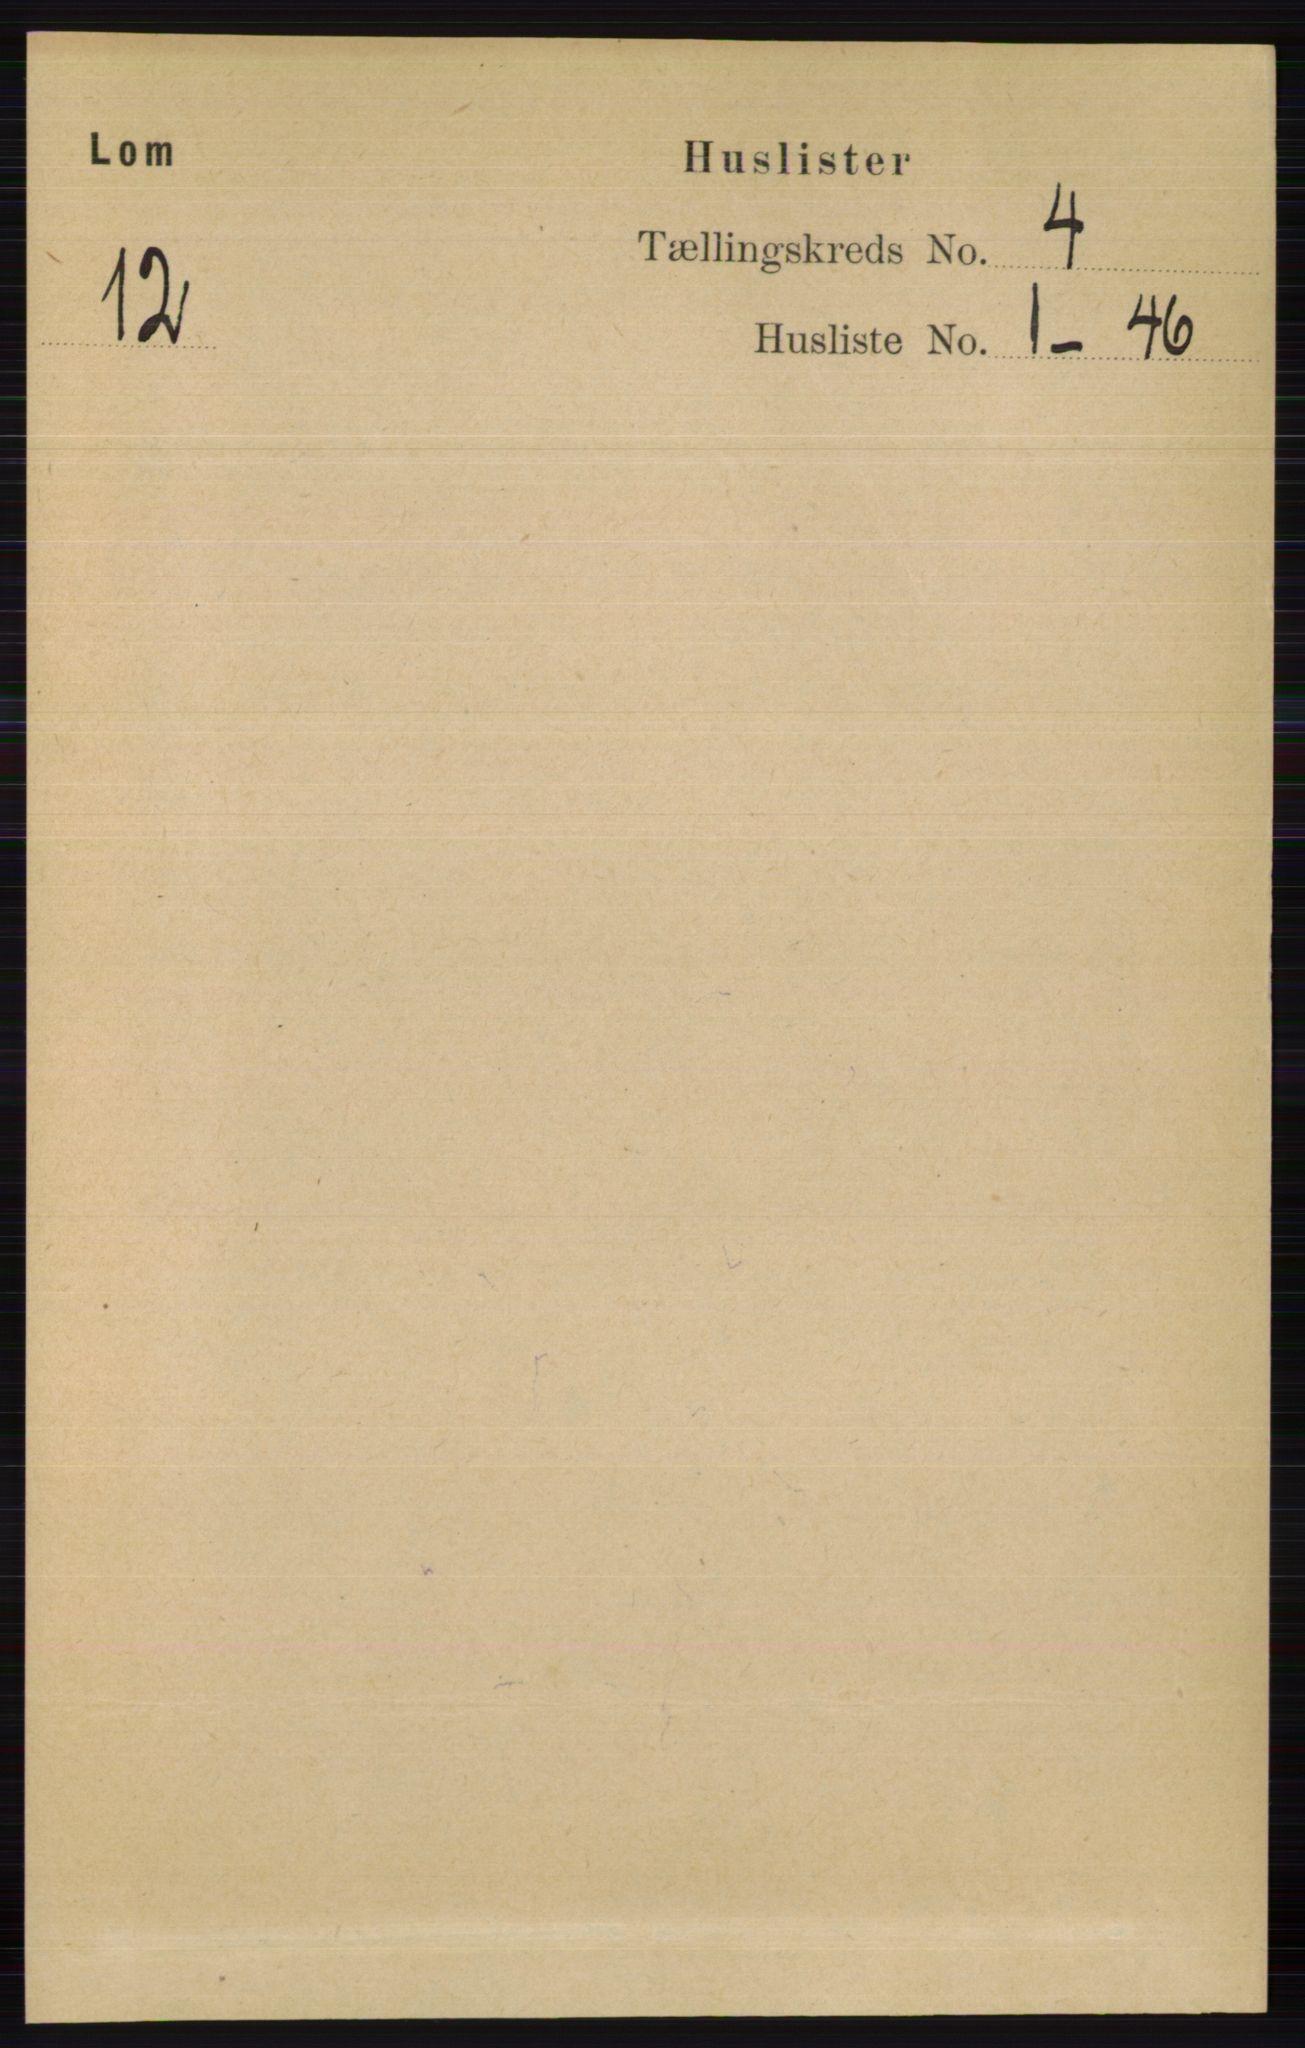 RA, Folketelling 1891 for 0514 Lom herred, 1891, s. 1455